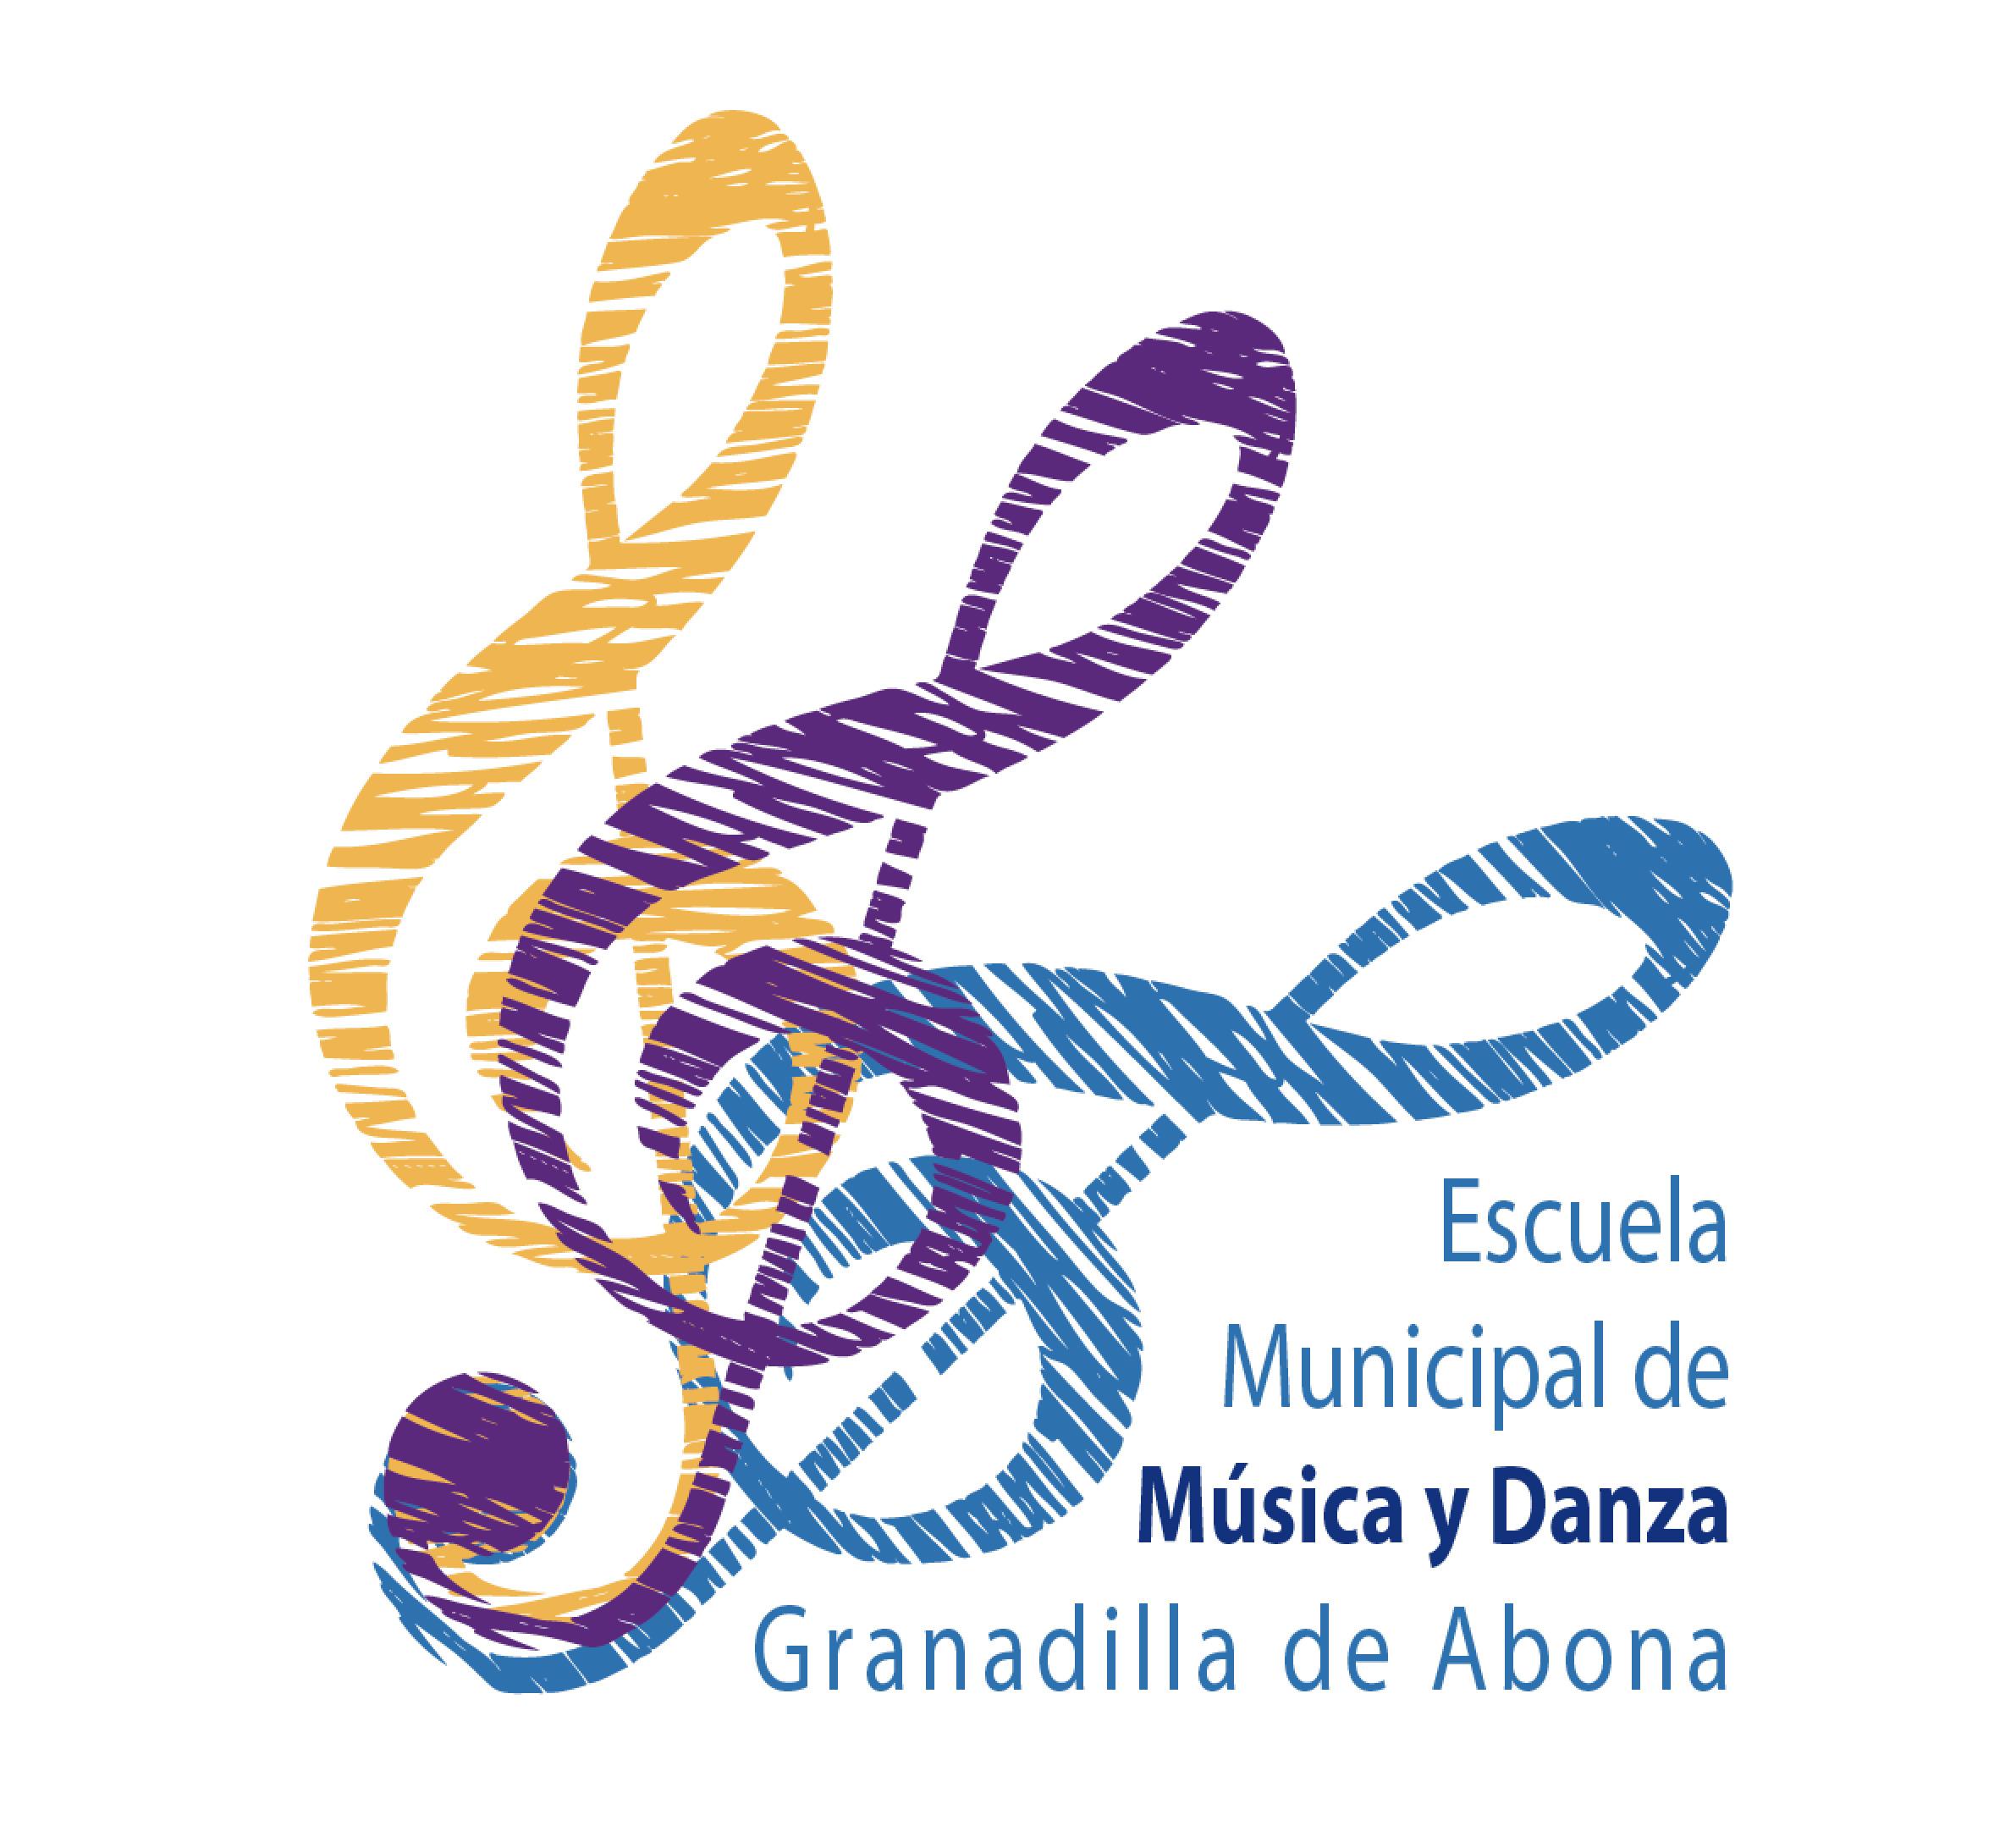 Abierto el plazo para preinscribirse en la Escuela Municipal de Música - Ayuntamiento de Granadilla de Abona